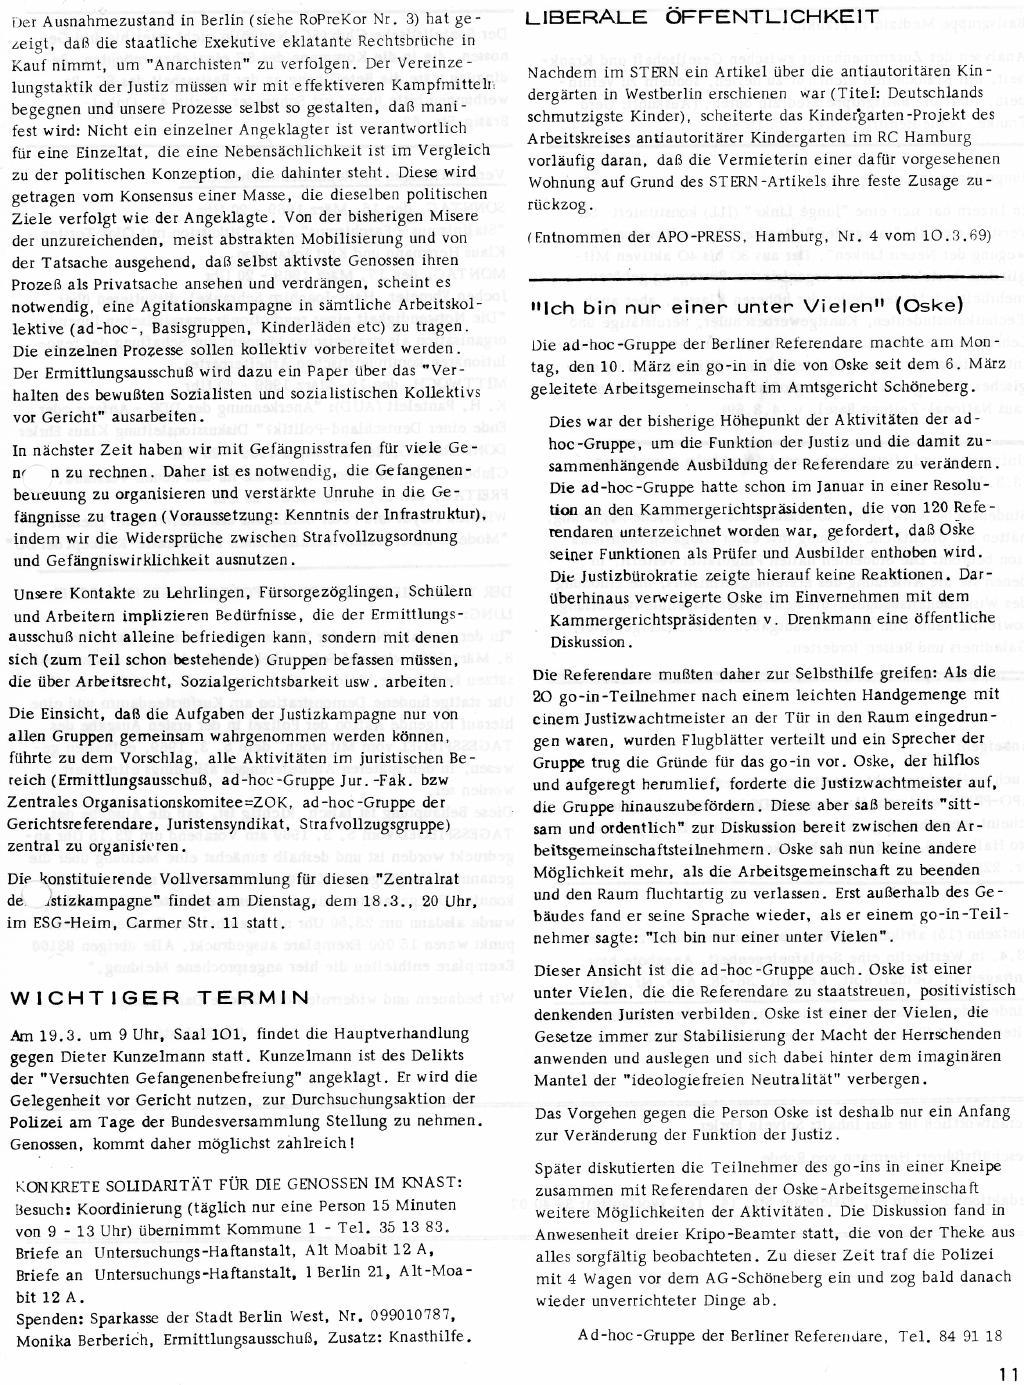 RPK_1969_004_11